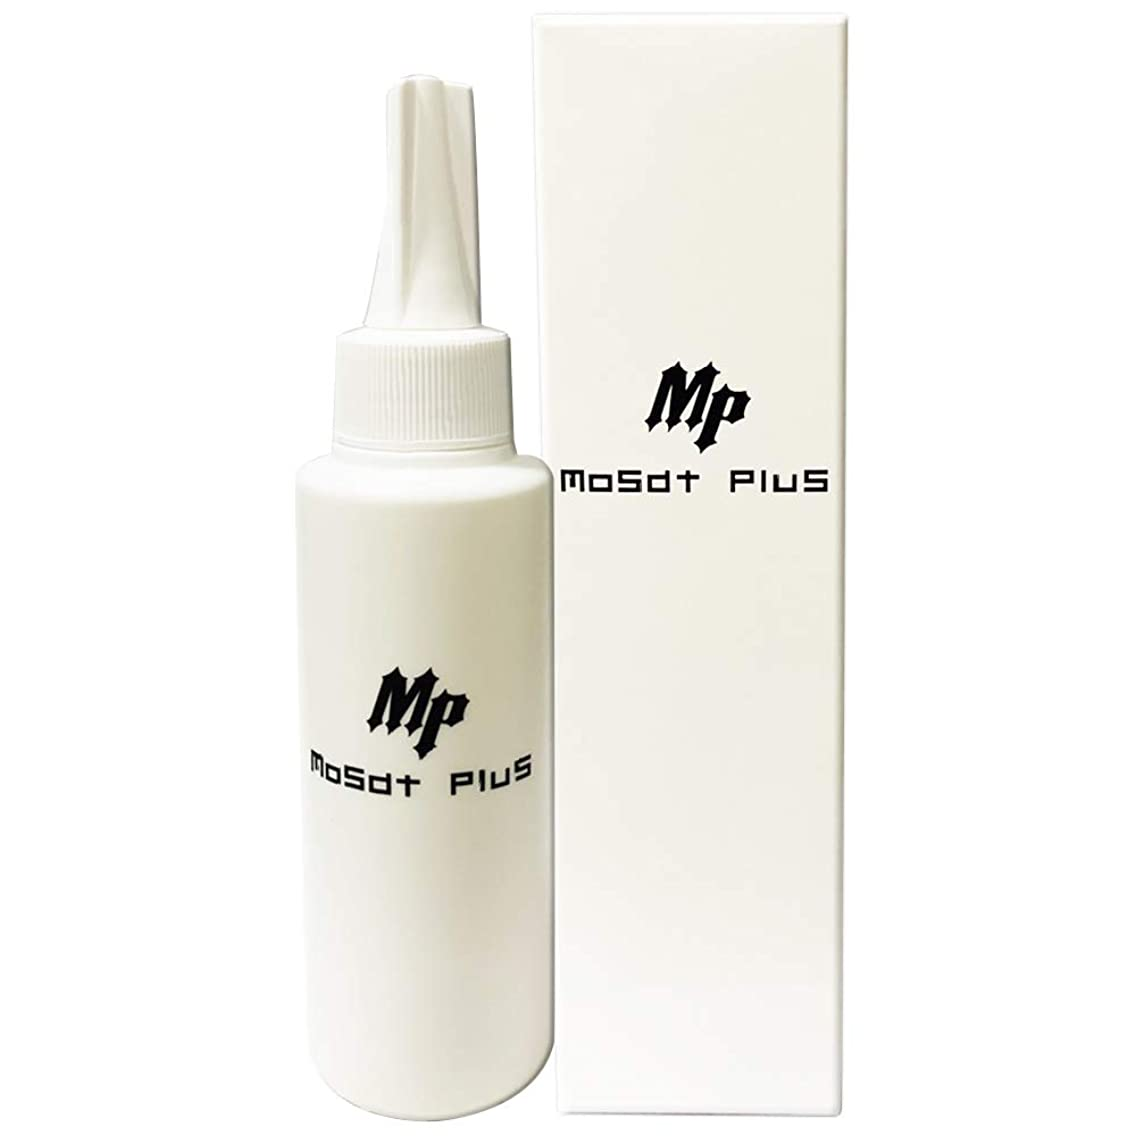 構成員ではごきげんよう巨大【医薬部外品】Mosat Plus モサットプラス 育毛剤 ジェルタイプ 薬用 100mL